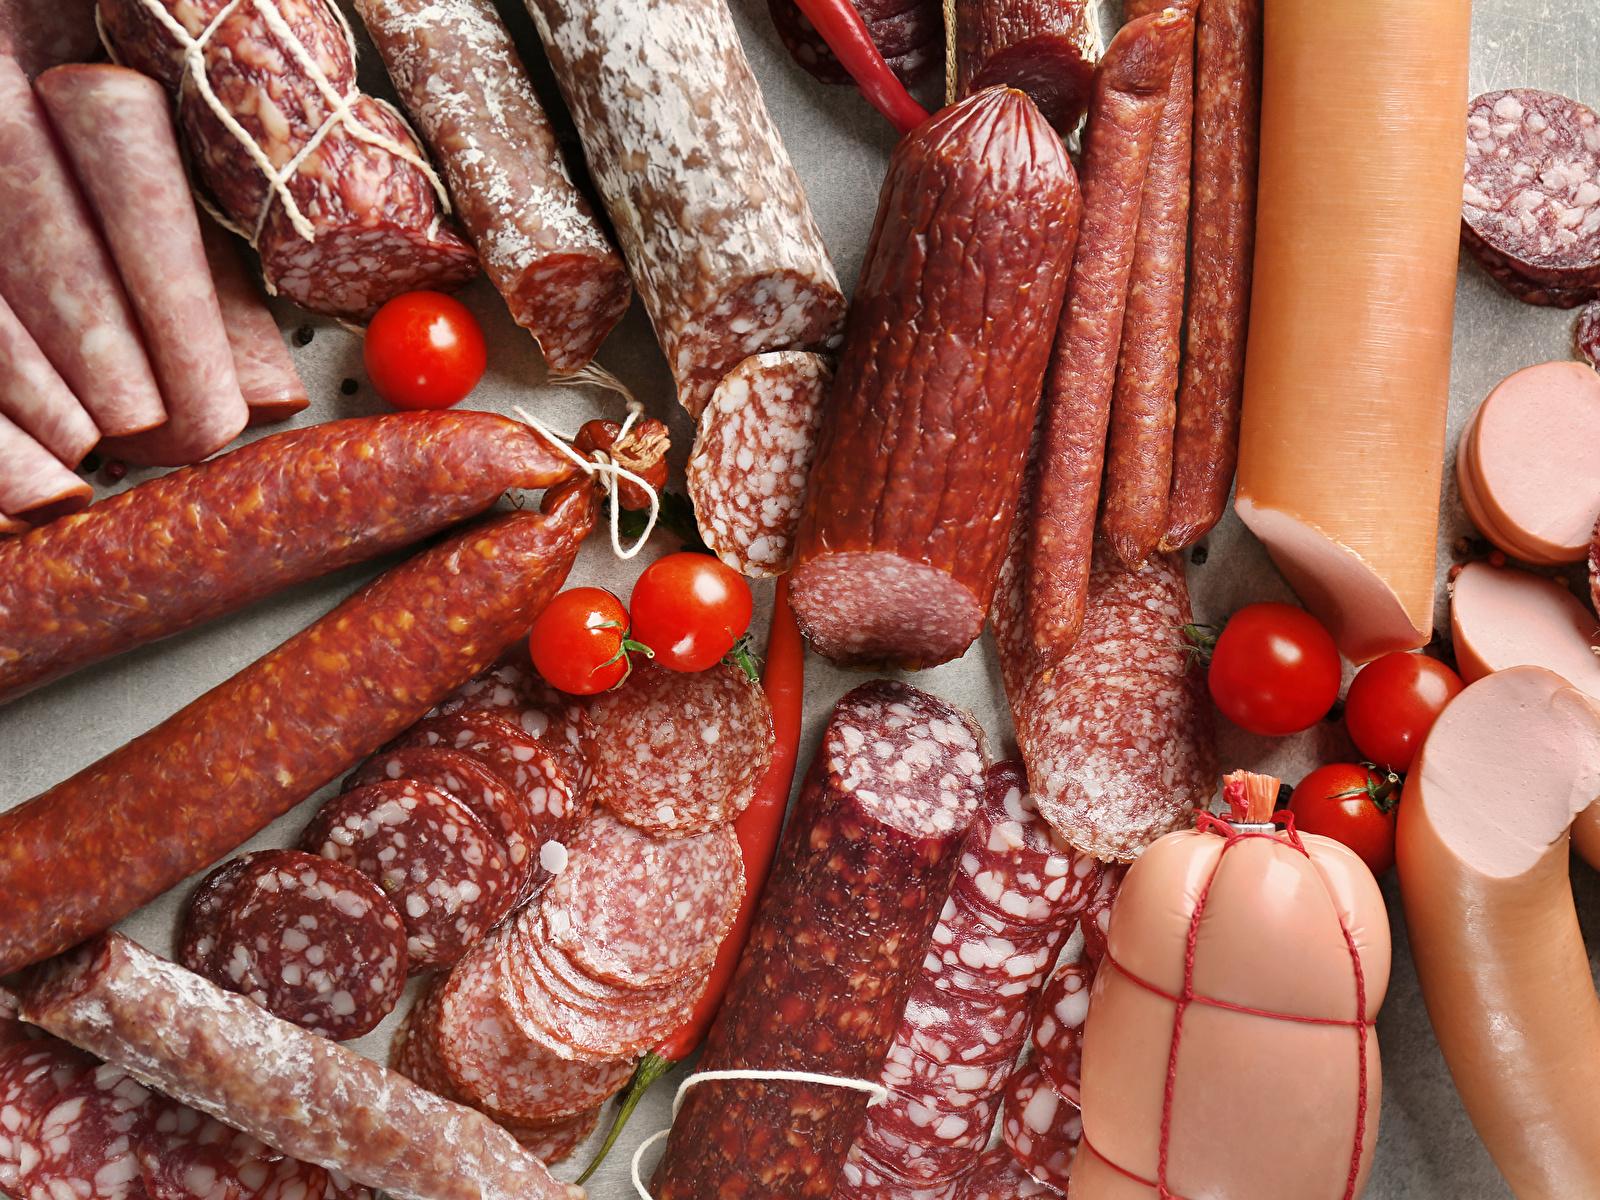 Диетолог рассказала, какими полезными свойствами обладает колбаса